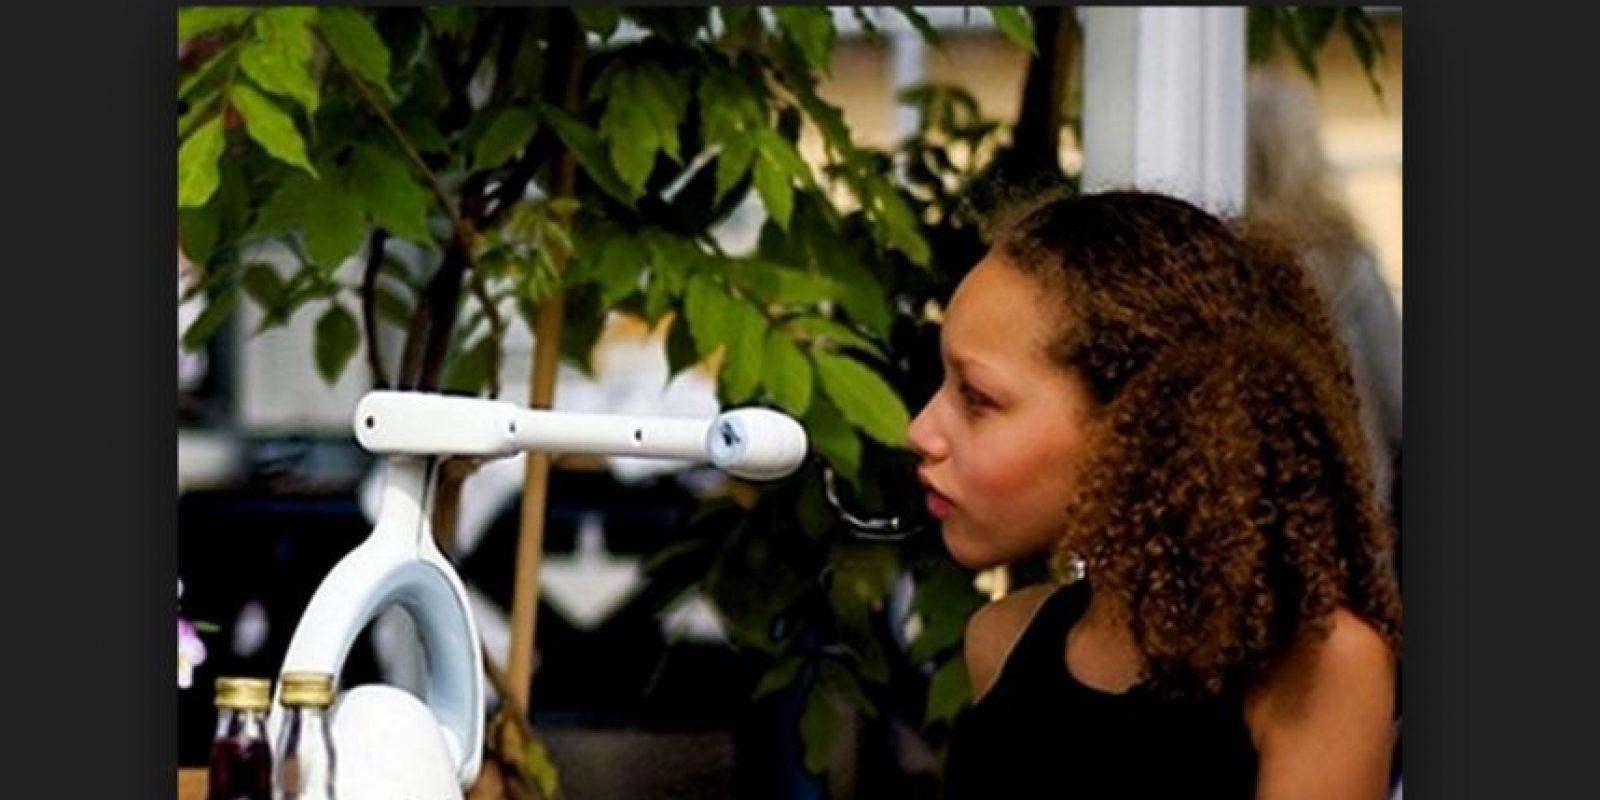 Bestic es es un pequeño brazo robótico con una cuchara en el extremo. Sustituirá a las enfermeras en el futuro. Foto:Bestic AB